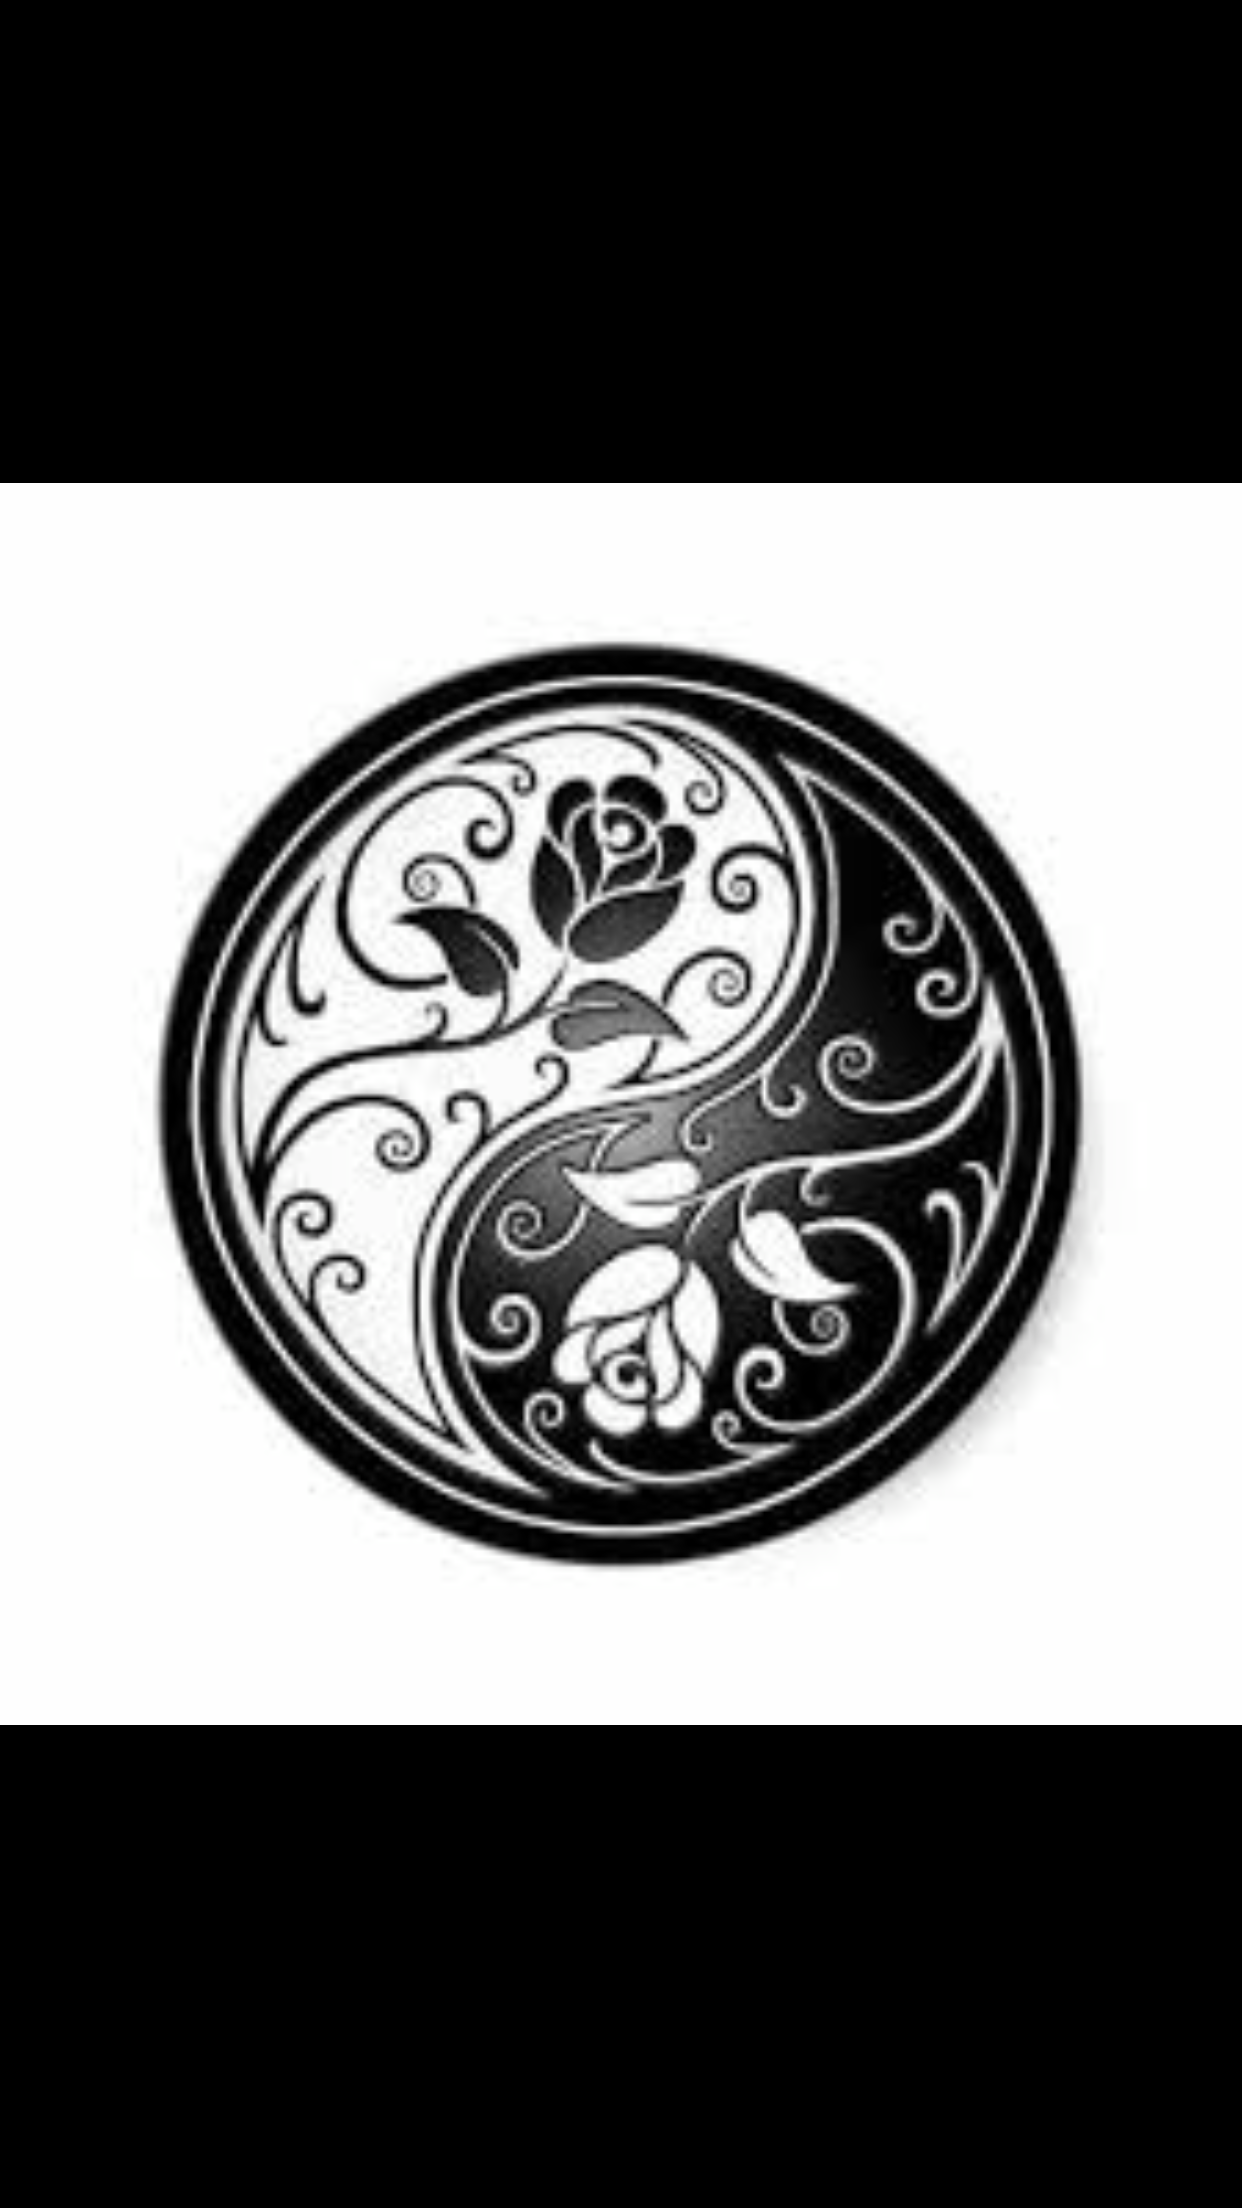 Pin by Ingrid Becker on Tattoo ideas Yin yang, Yin yang